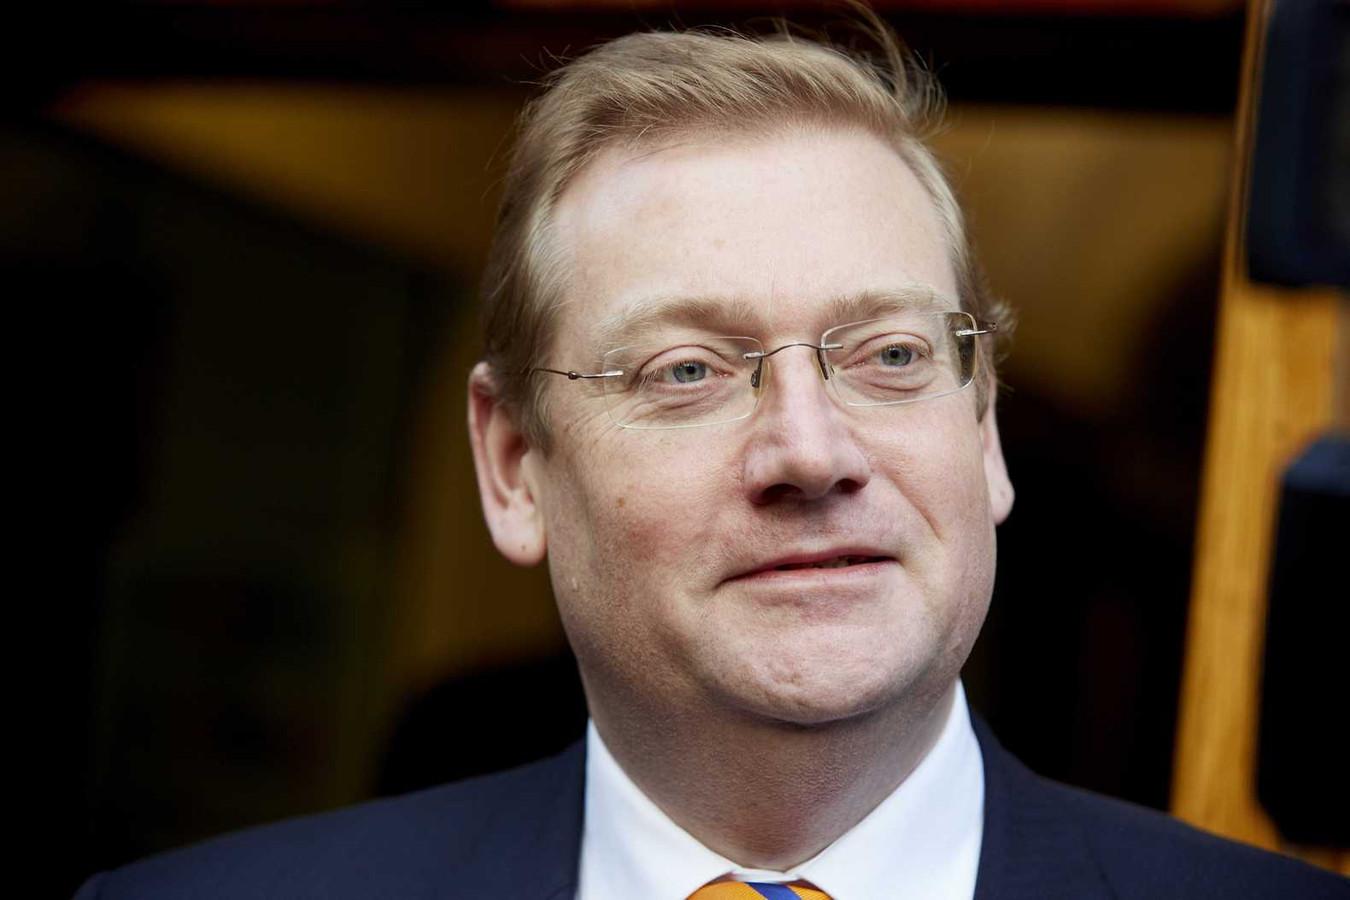 Minister Ard van der Steur (Veiligheid en Justitie).